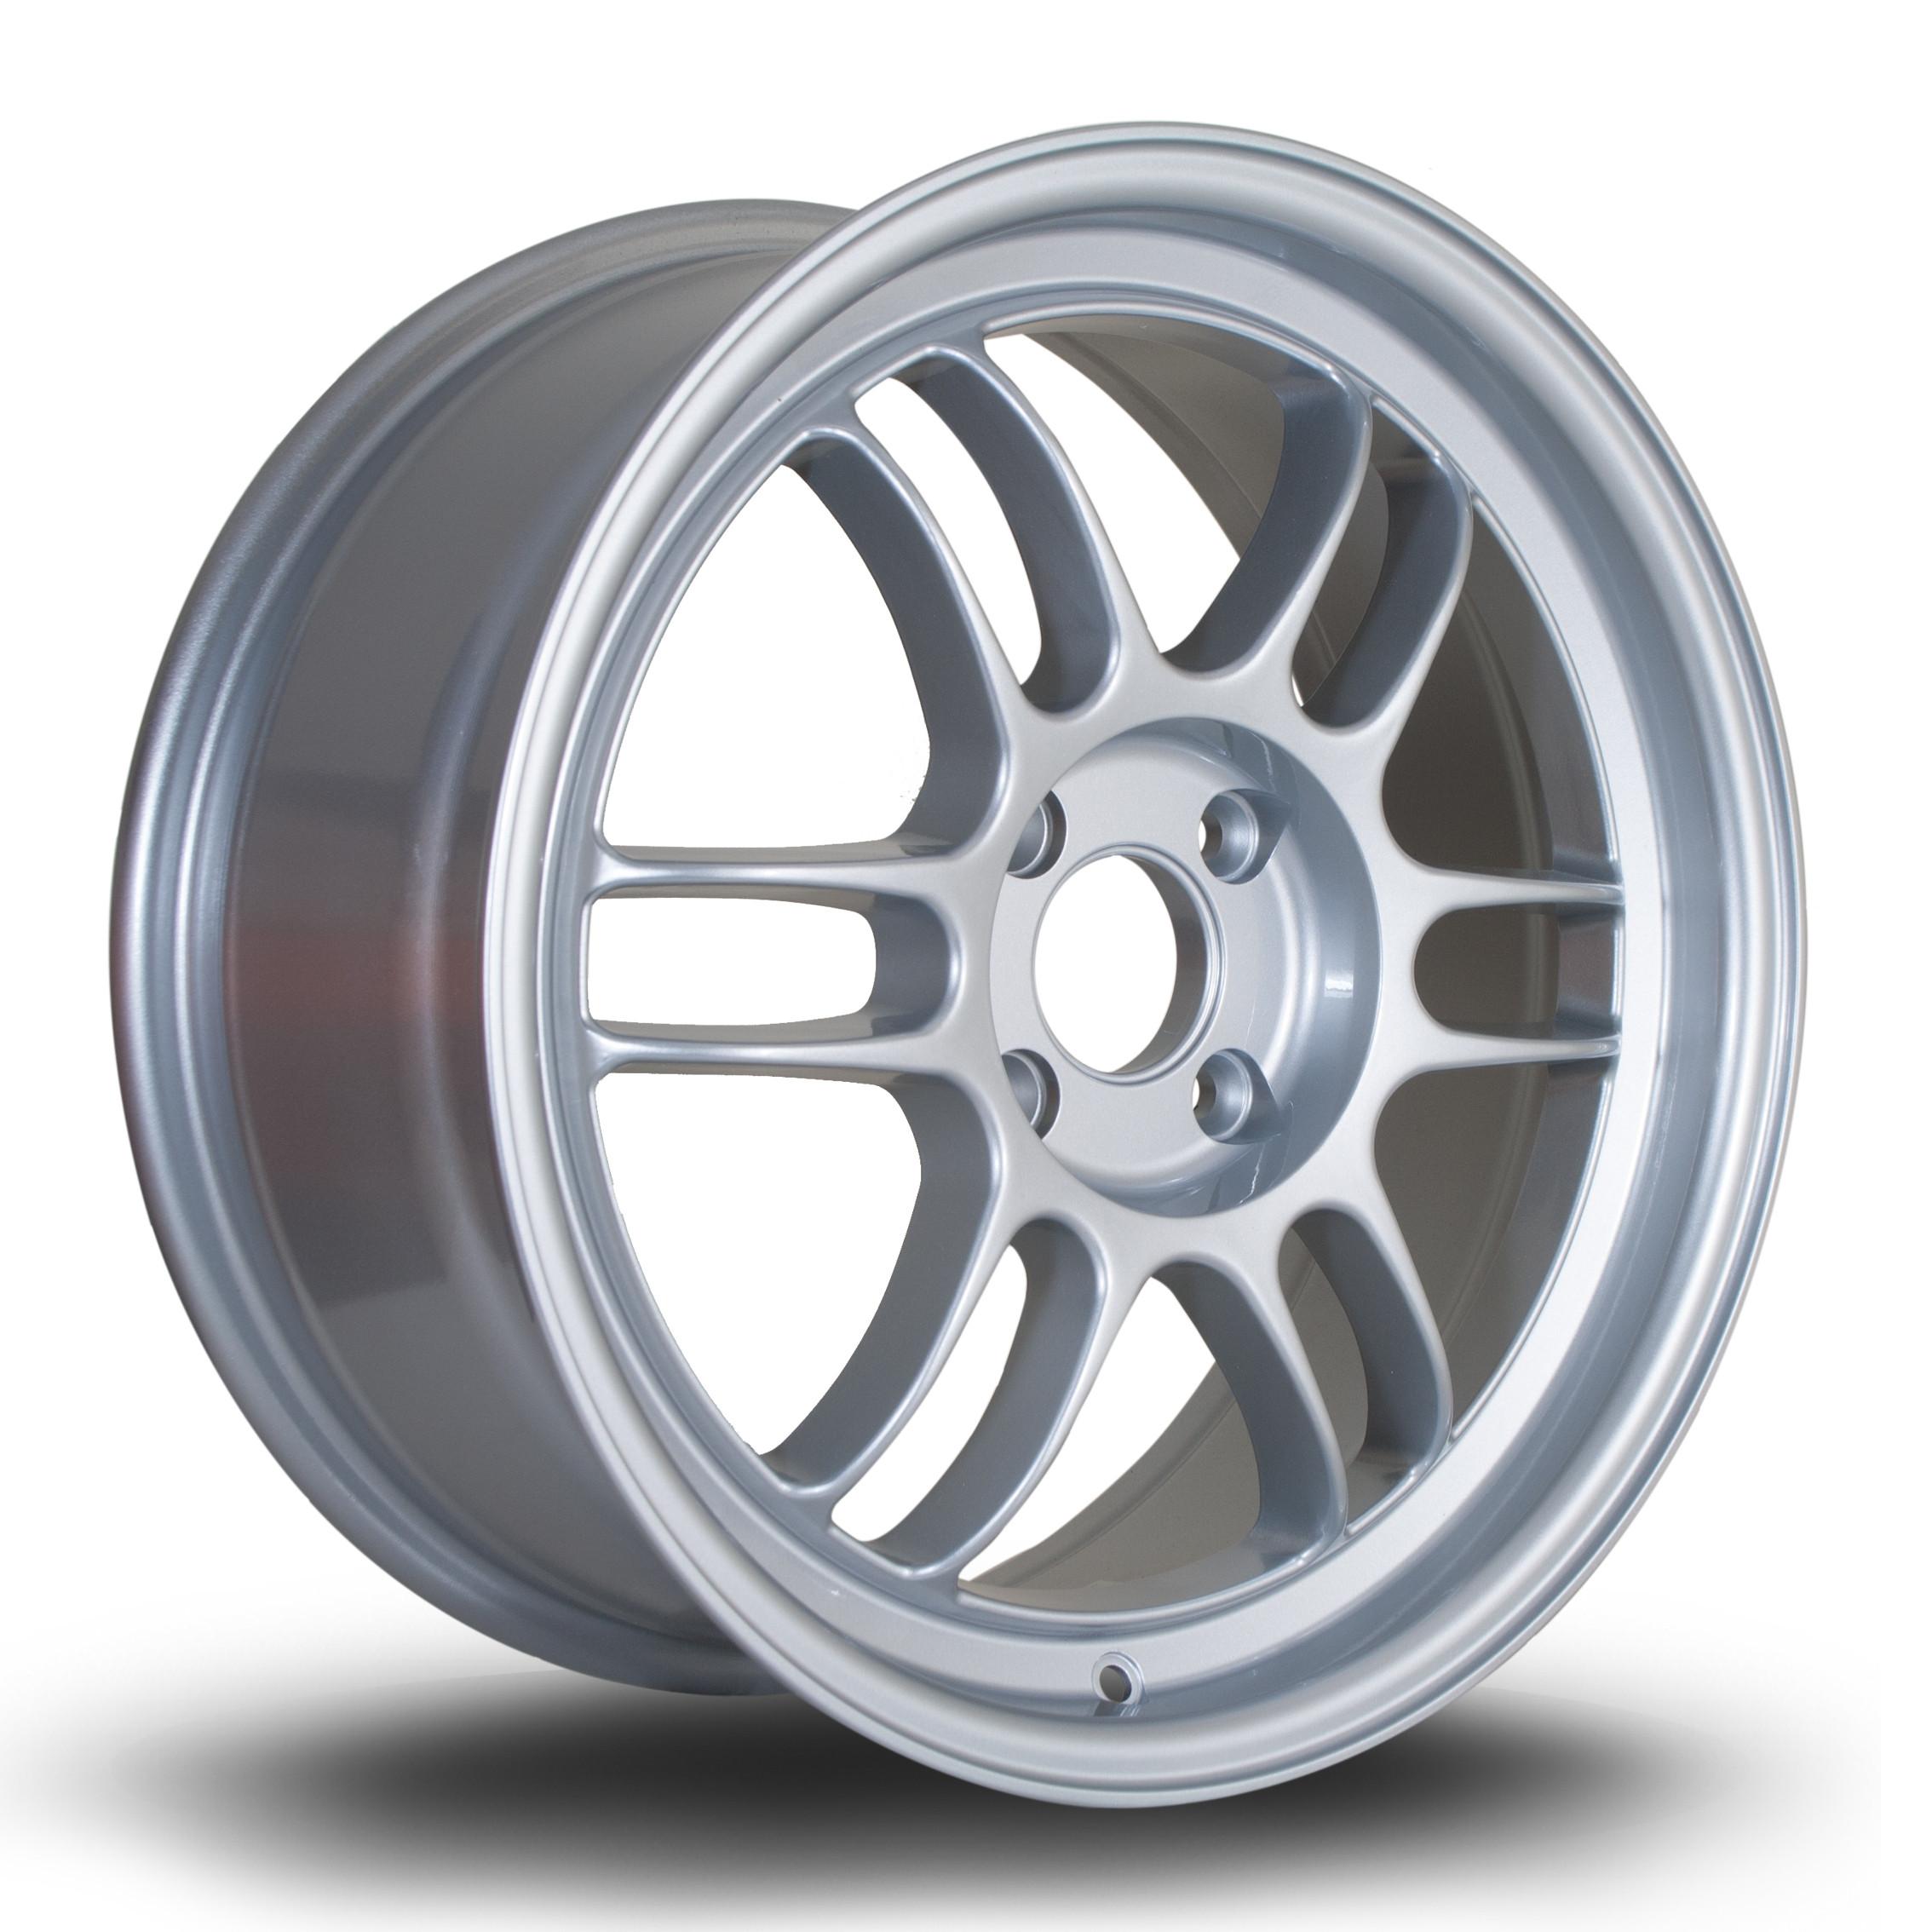 TFS301 17x7.5 4x100 ET35 Silver